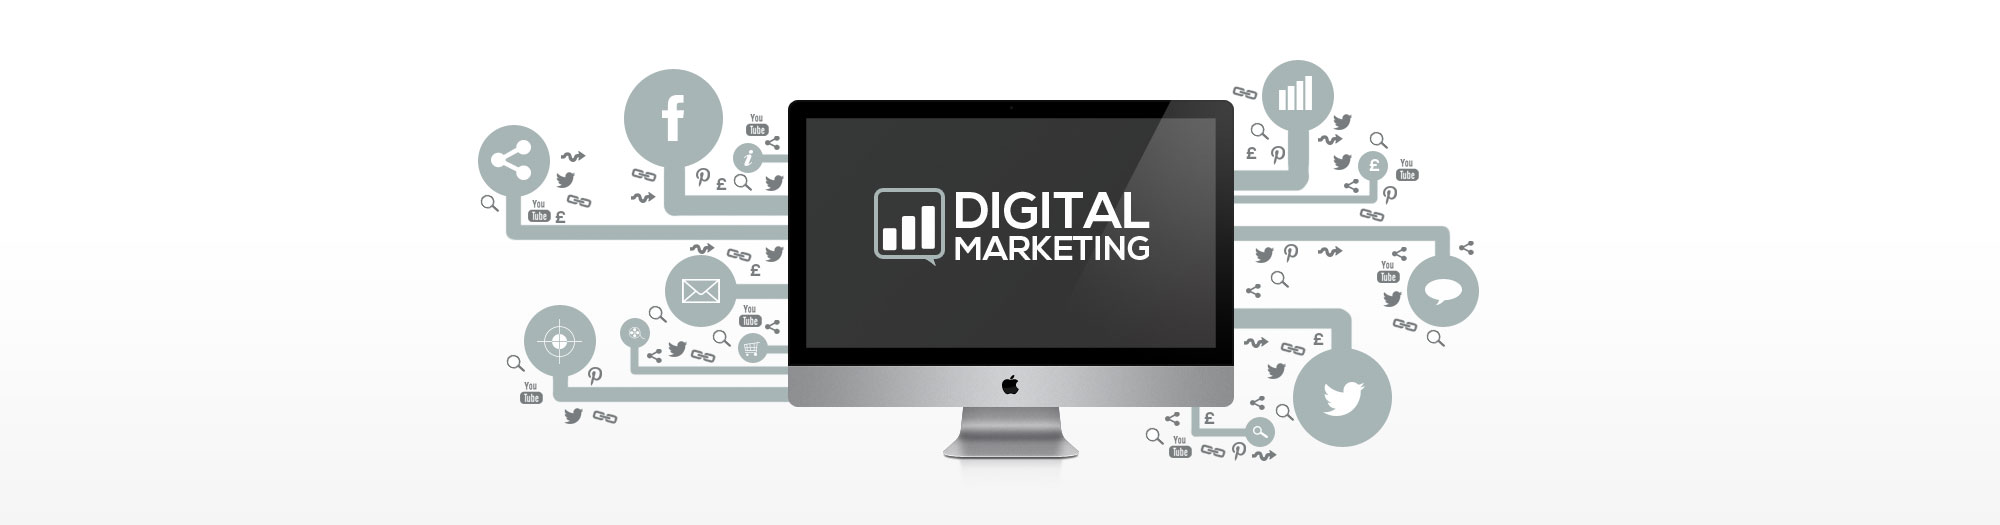 Image result for images digital marketing